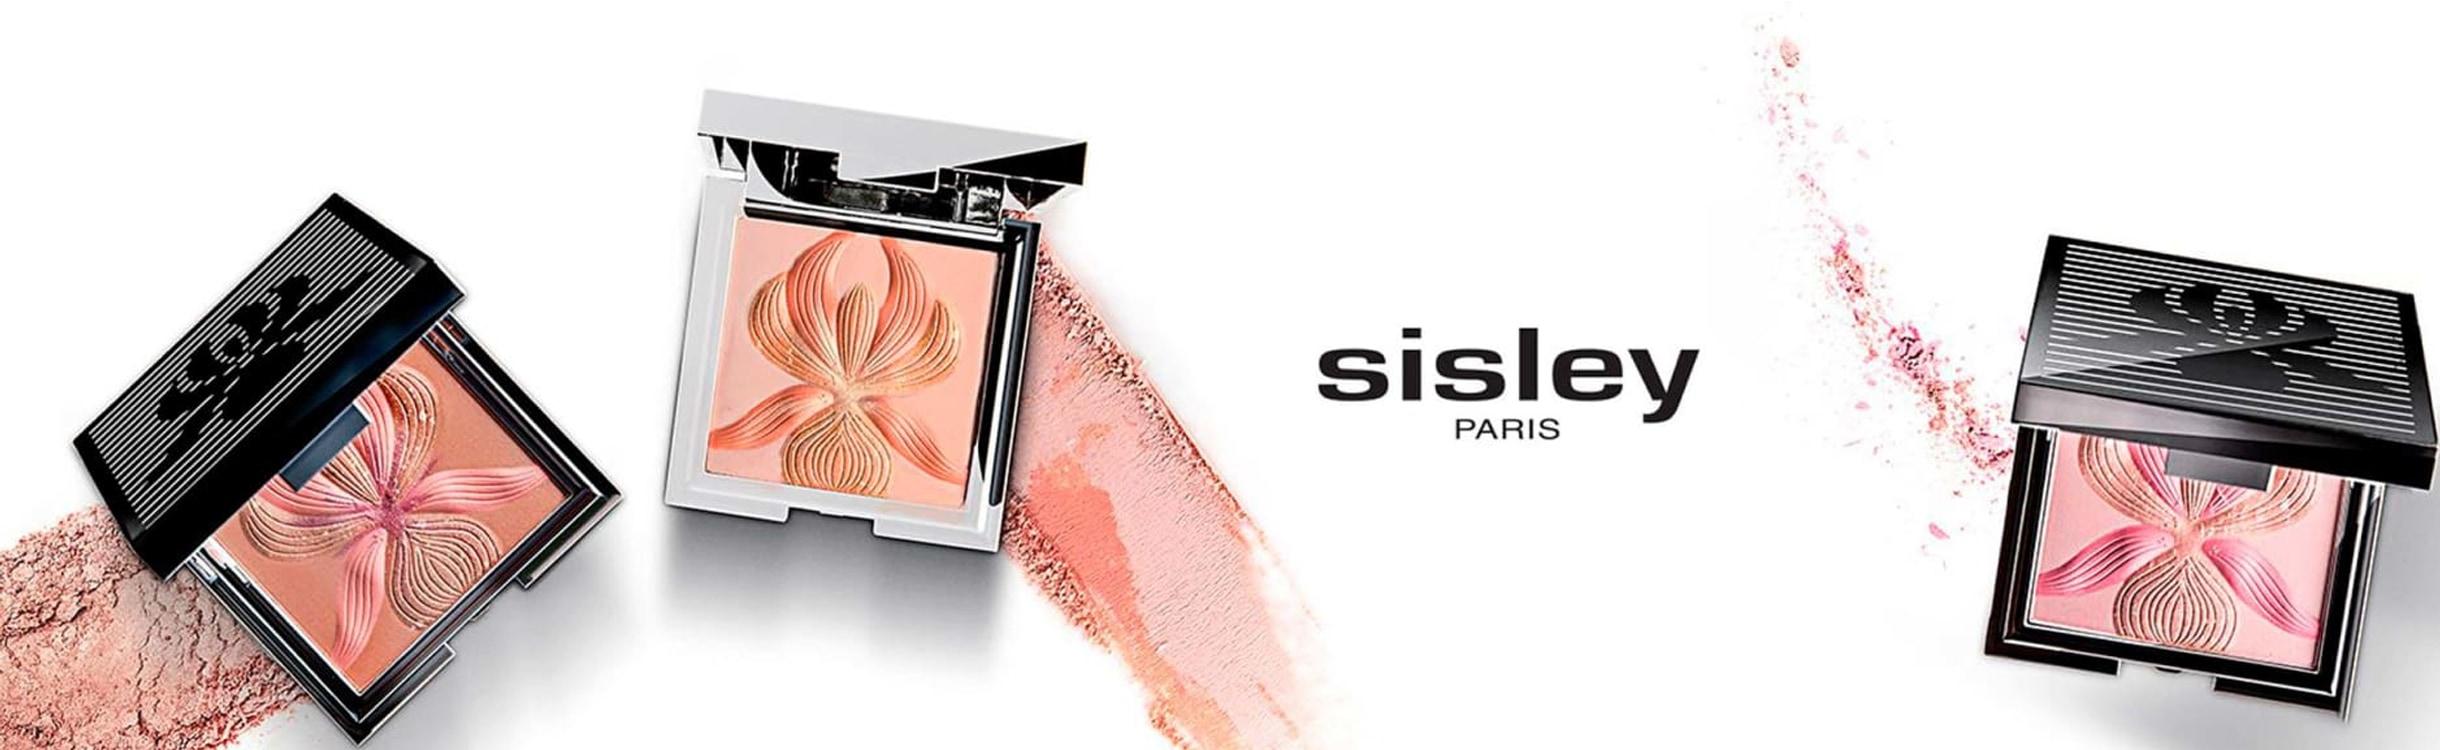 Sisley Paleta de Maquiagem